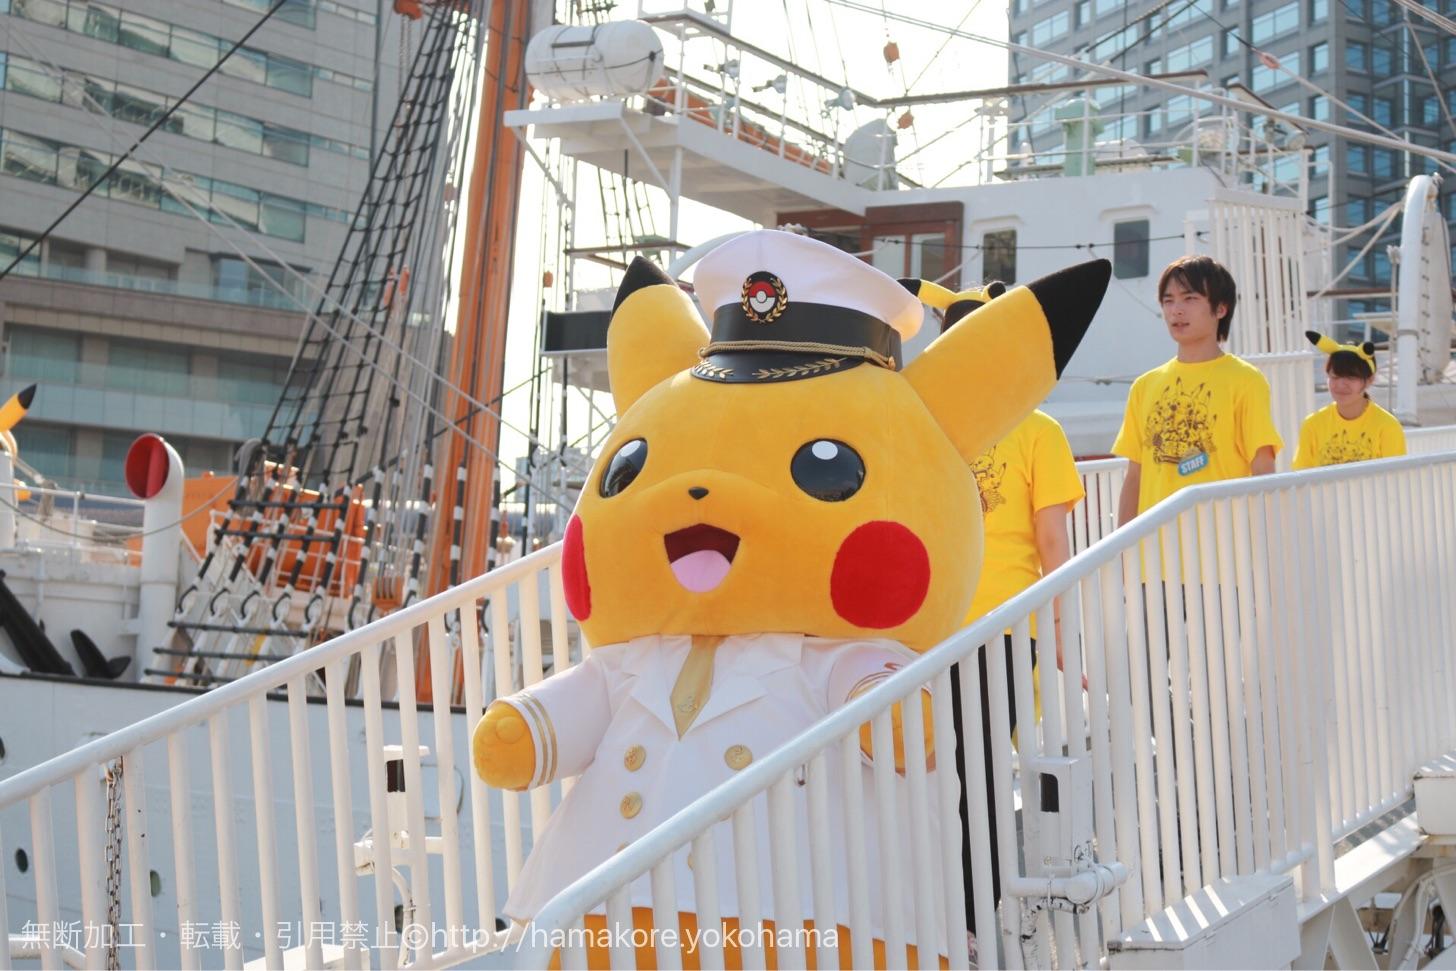 日本丸から降りてきたピカチュウ船長